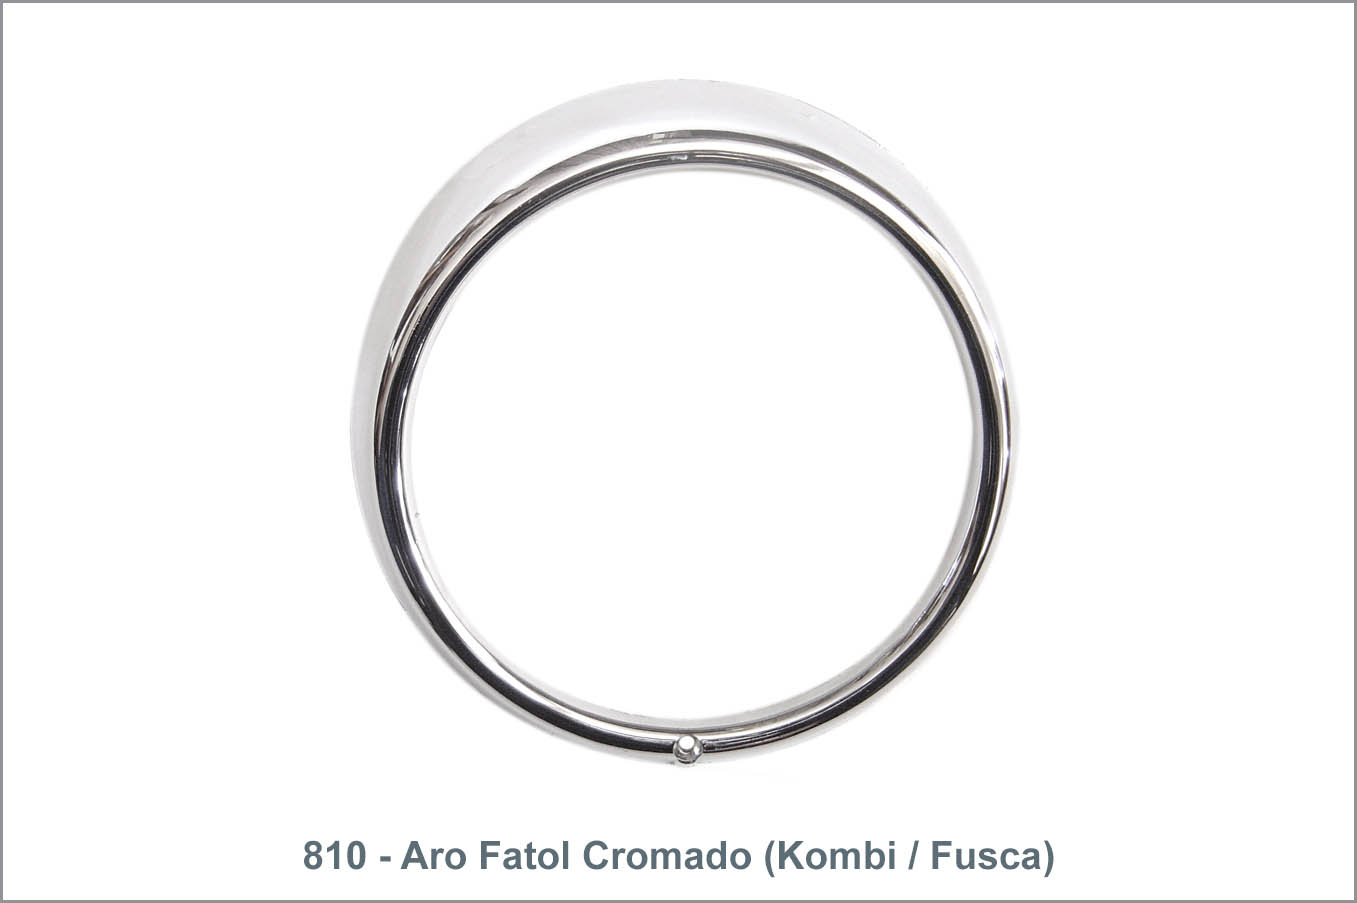 810 - Aro Farol Cromado (Kombi / Fusca)